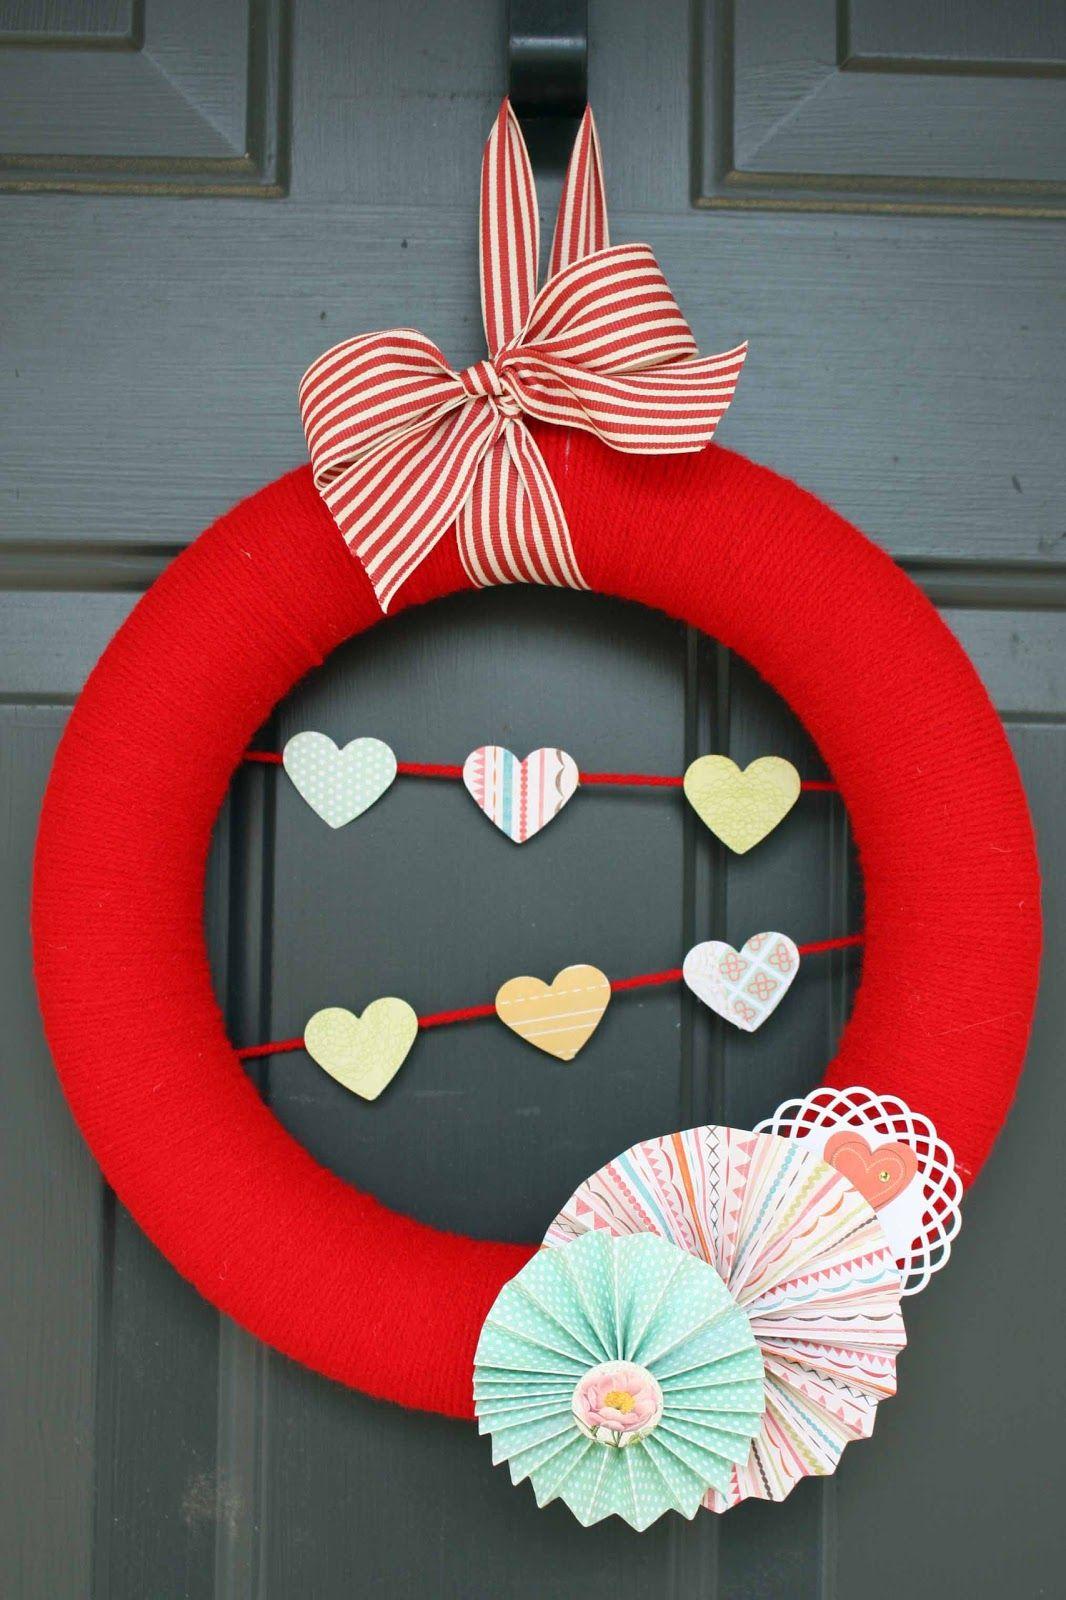 Валентинки своими руками объемное сердце. валентинка своими руками отзывы. венок из сердечек